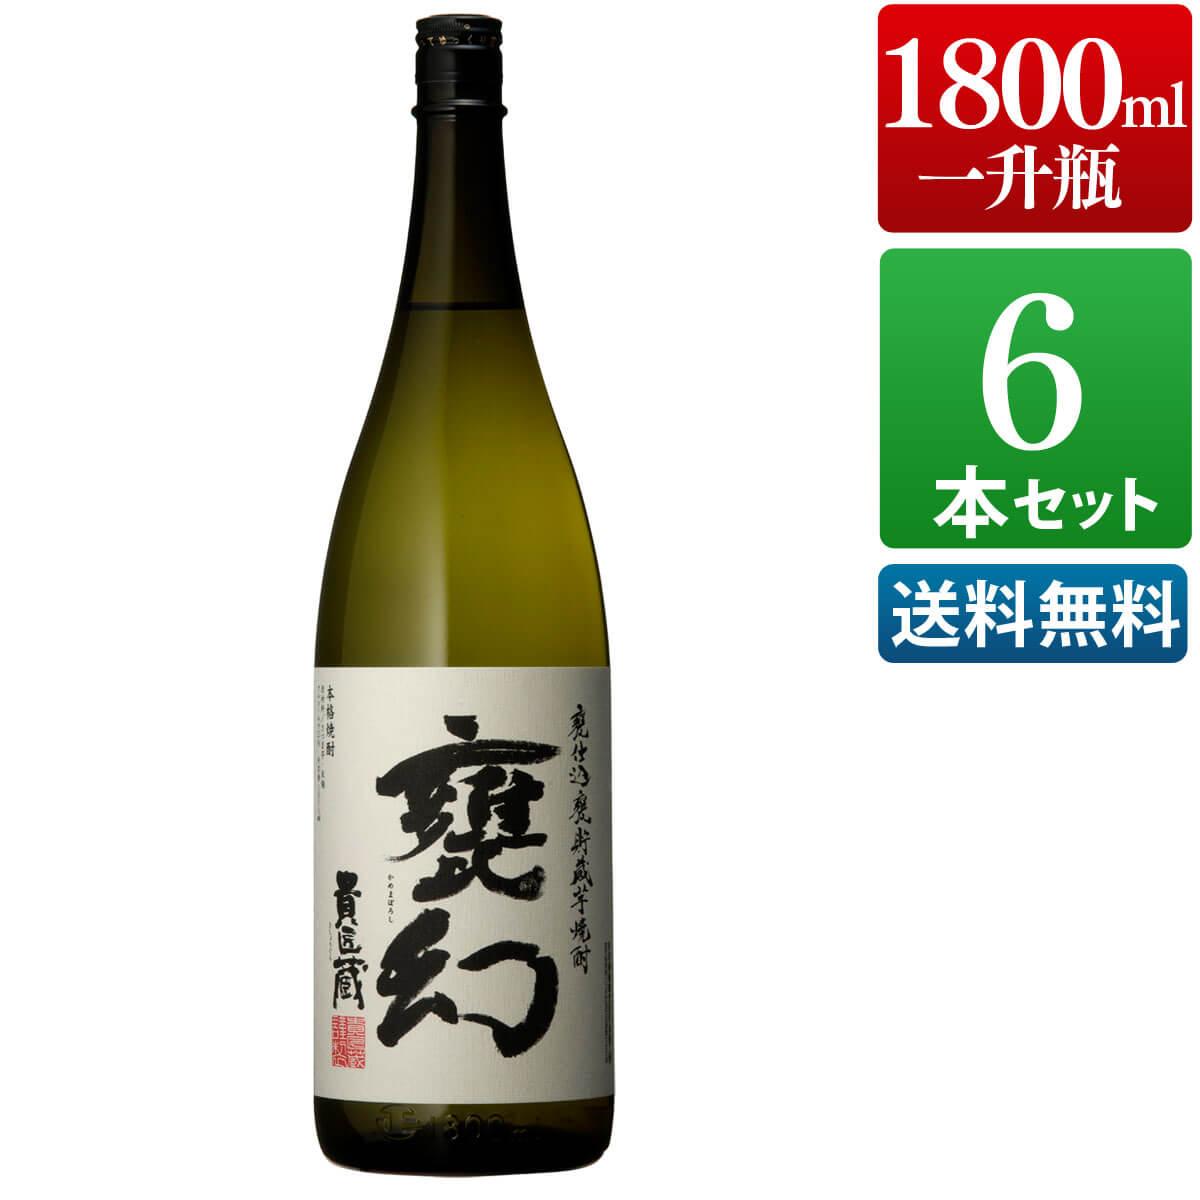 芋焼酎 6本セット 甕幻 25度 1800ml [ 本坊酒造 芋焼酎 / 送料無料 ]